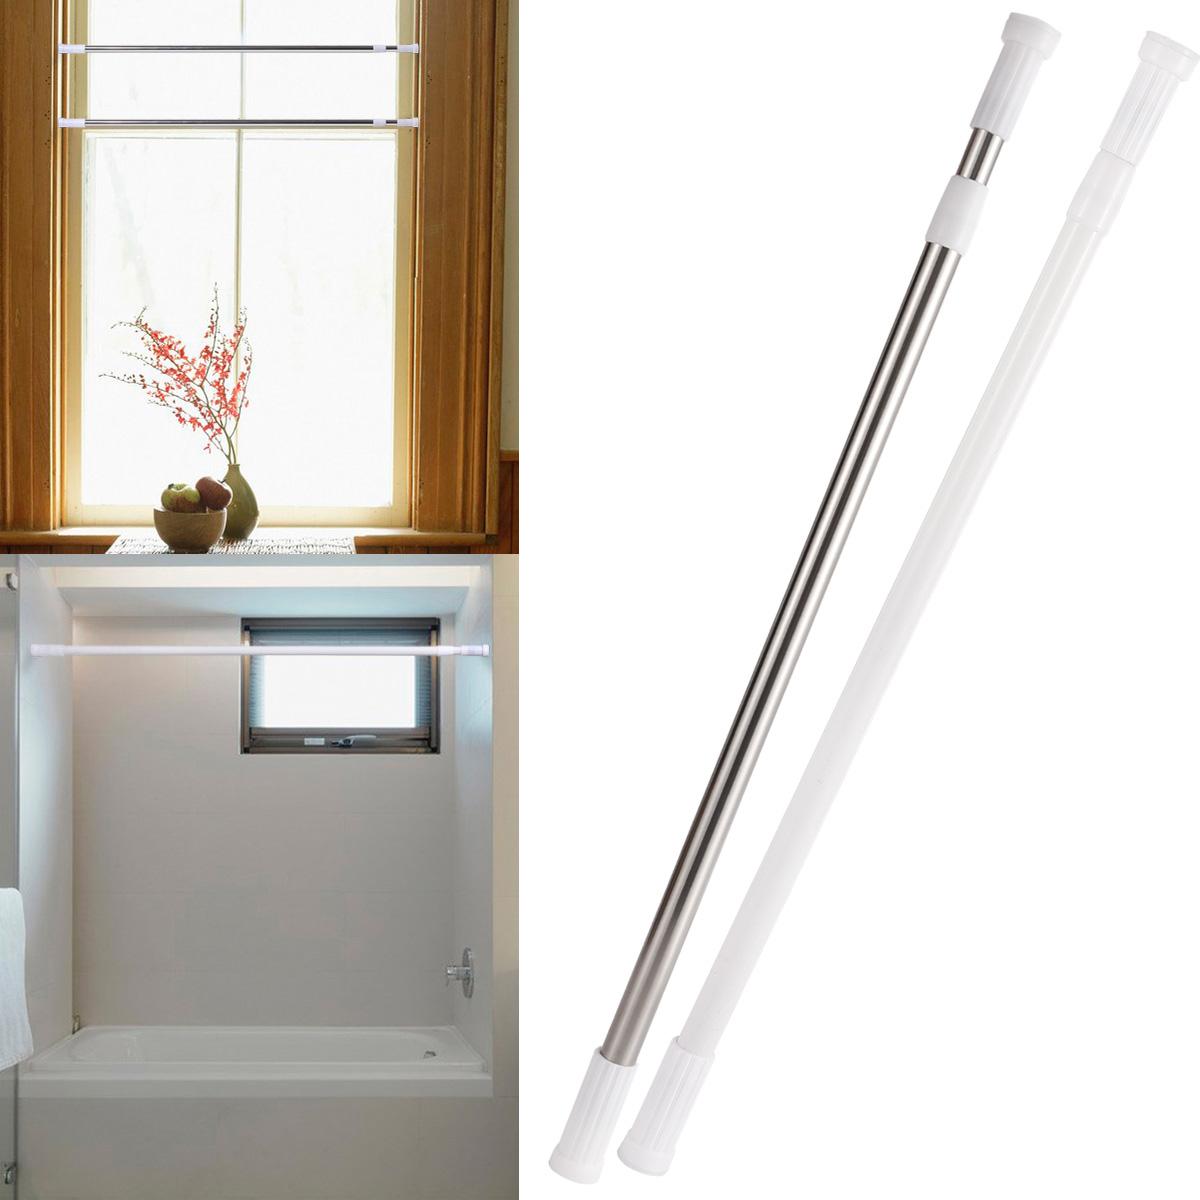 tringle rideaux extensible t lecospique 70 120cm pour. Black Bedroom Furniture Sets. Home Design Ideas